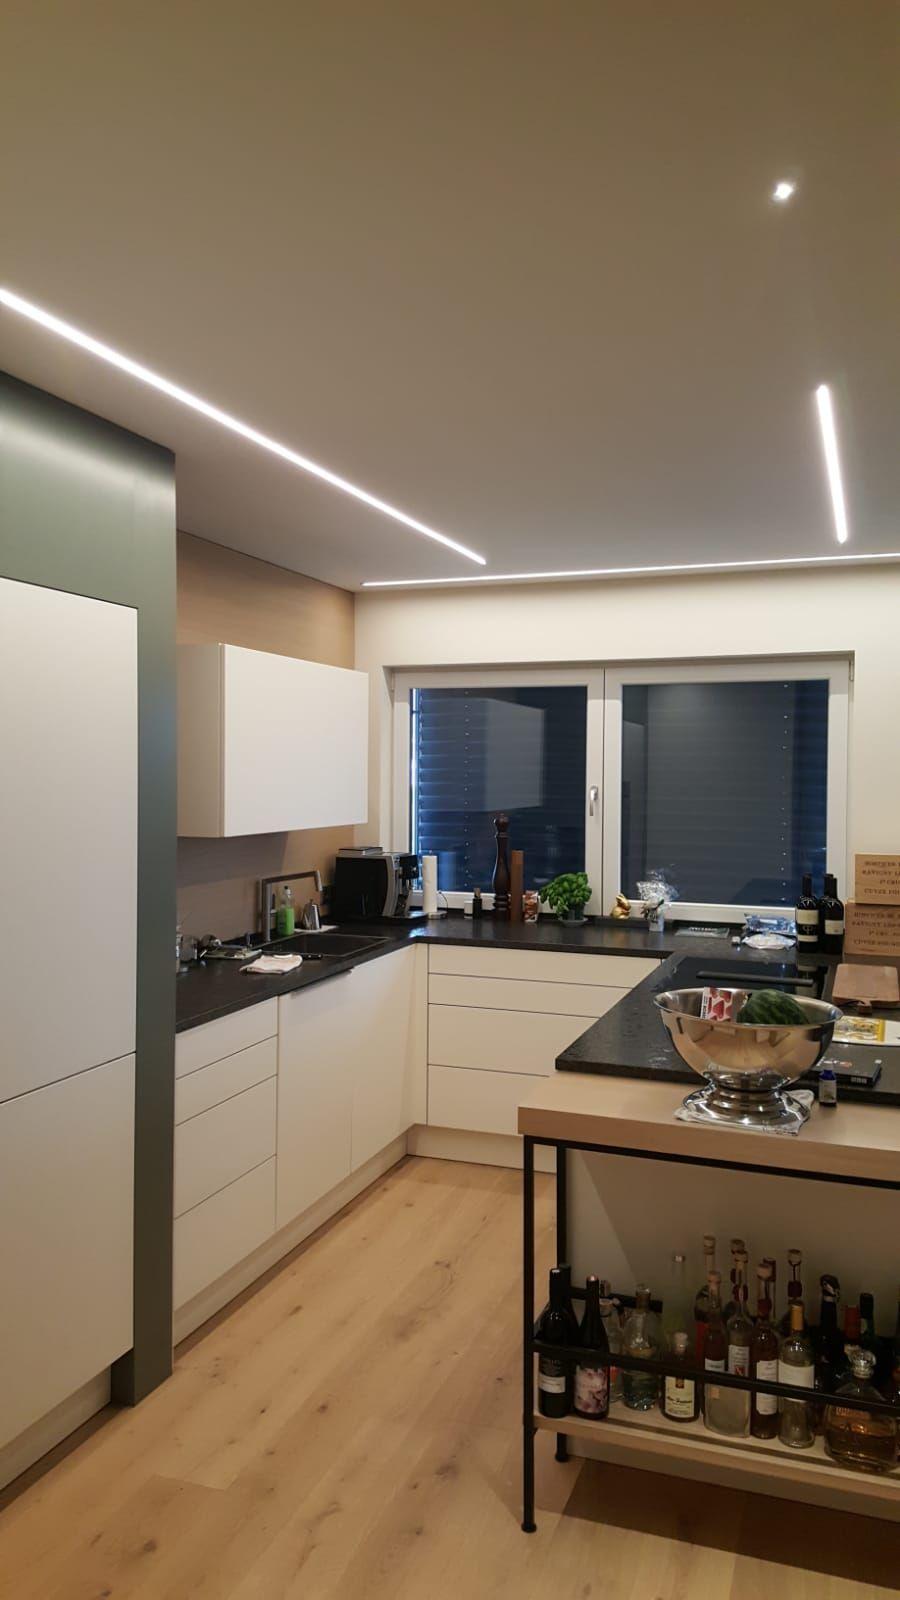 Indirekte Wohnzimmerbeleuchtung Durch Den Einsatz Des Stuckprofils Wdml 200a Pr Beleuchtung Wohnzimmer Indirekte Beleuchtung Wohnzimmer Indirekte Beleuchtung